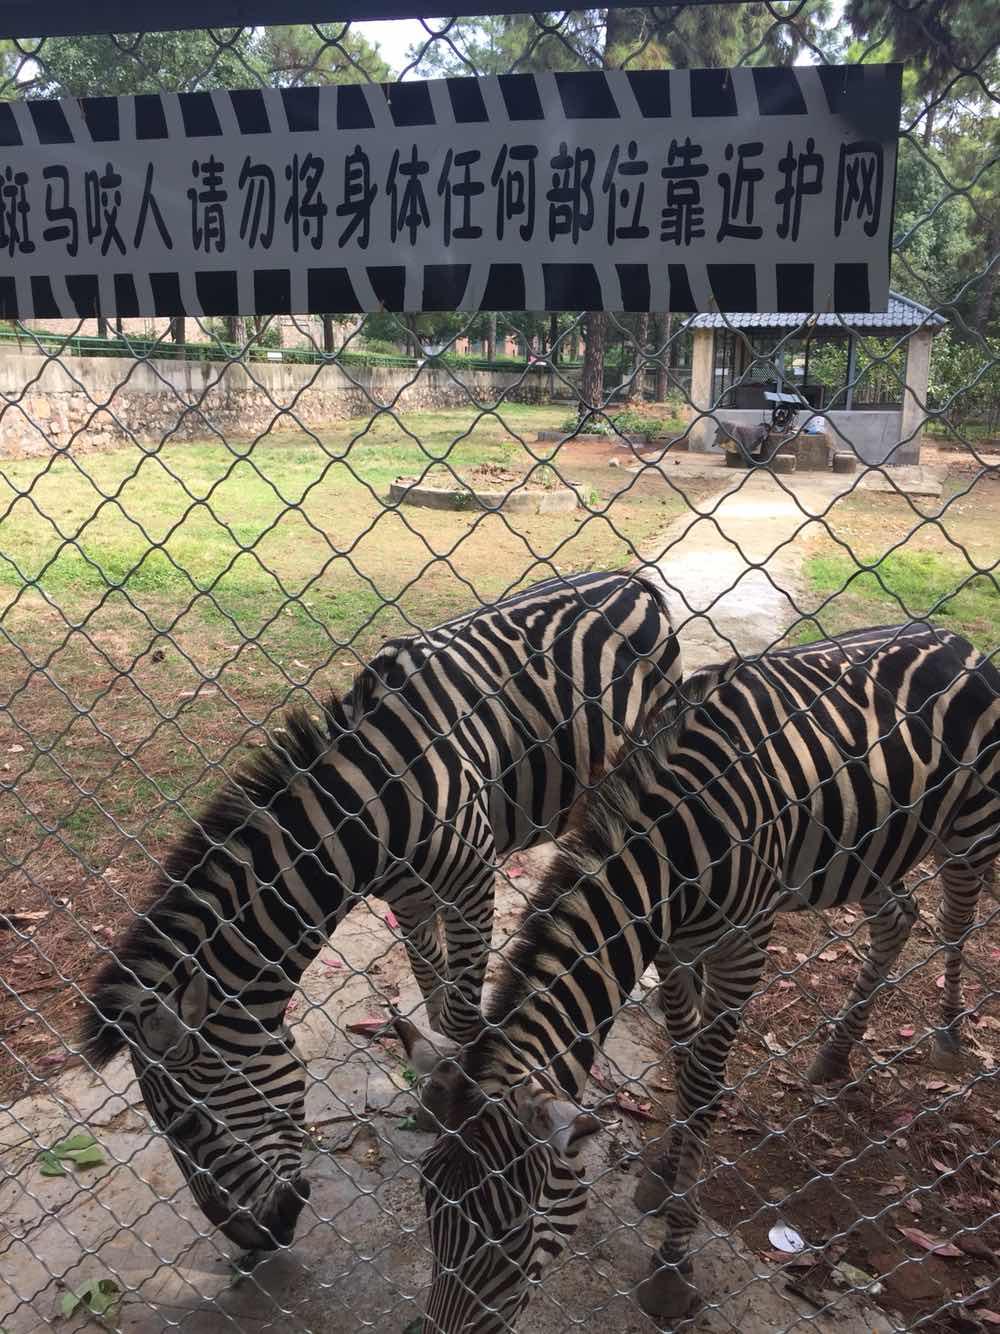 九峰森林动物园   武汉九峰森林动物园 成人票【带着宝宝一起去看精彩